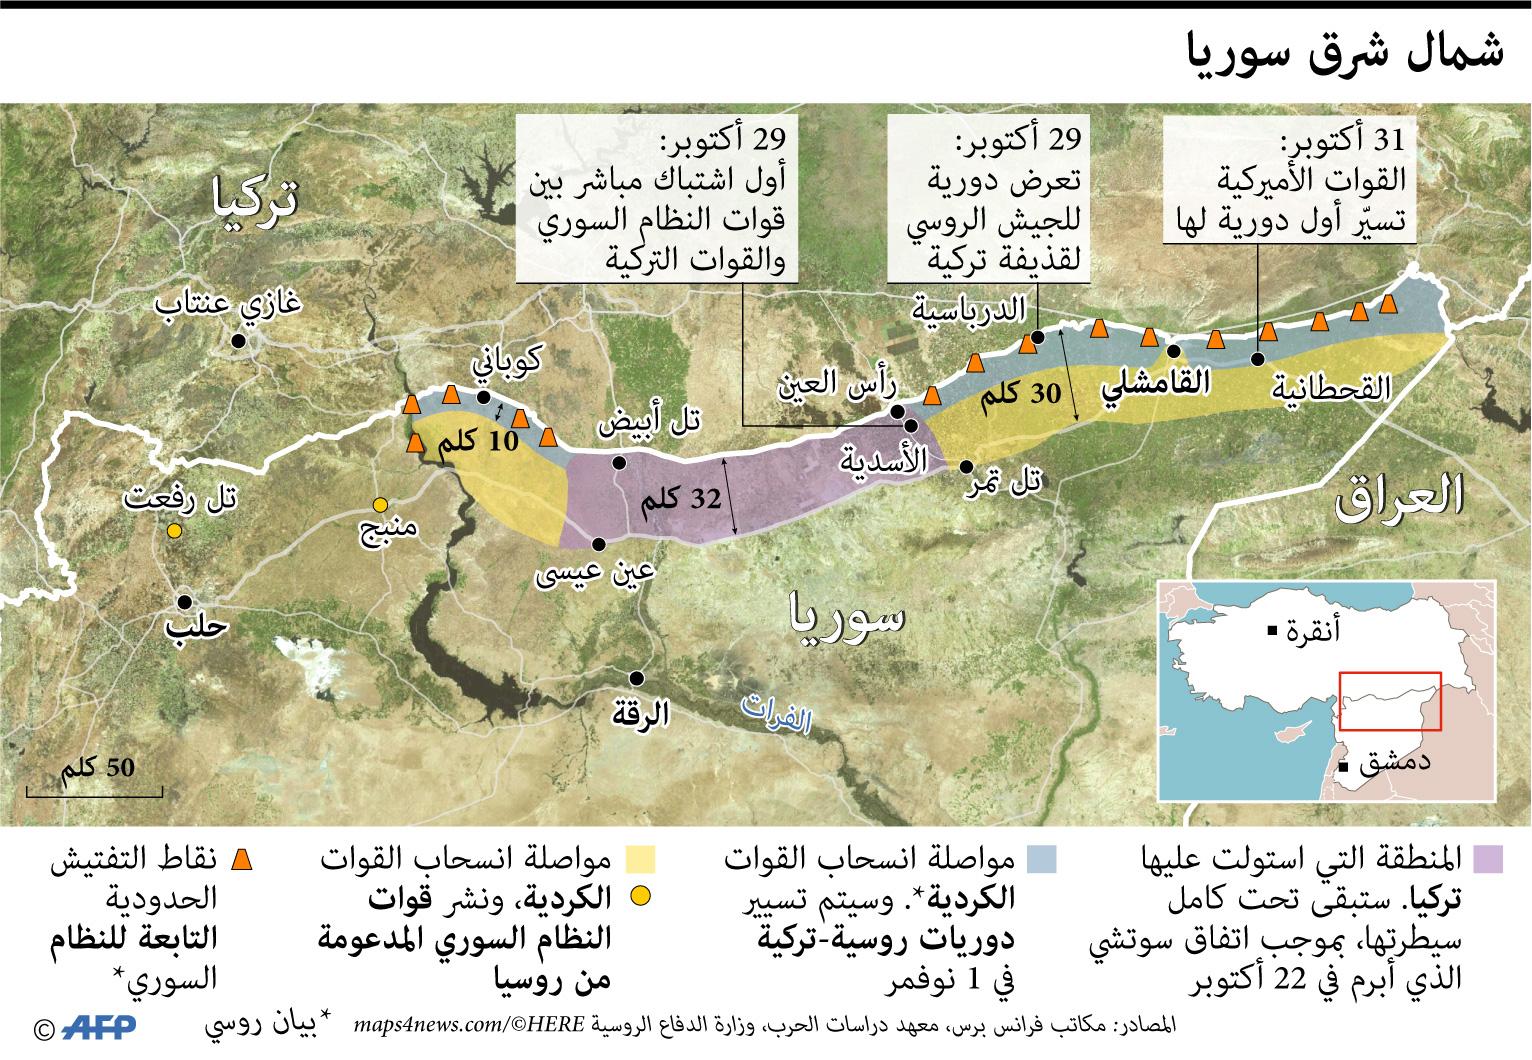 الوضع في شمال شرق سوريا